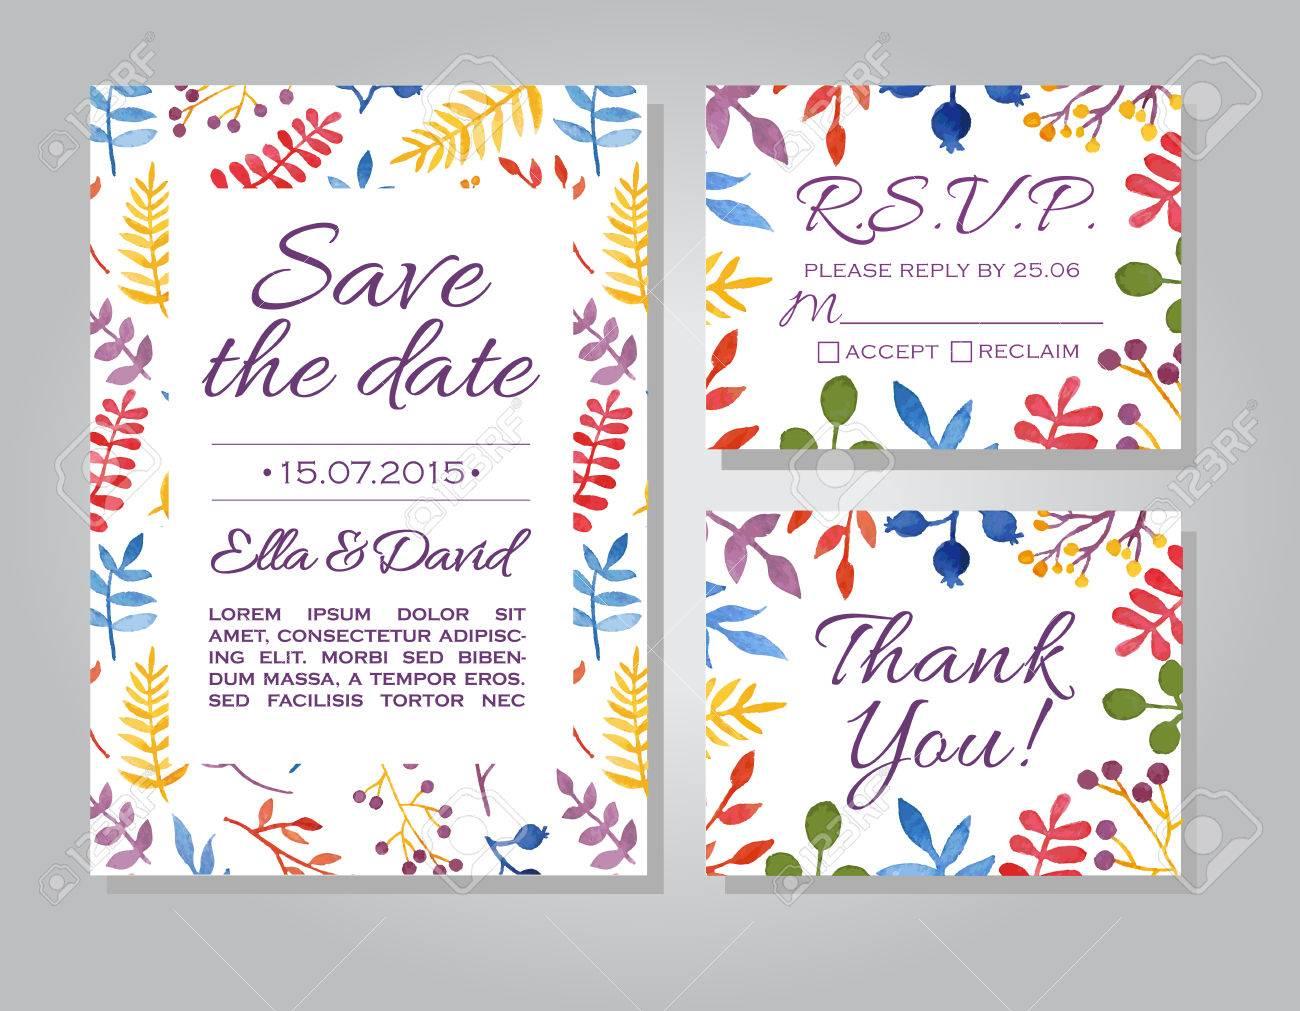 Tarjeta De Invitación De La Boda Vector Conjunto Con El Fondo Floral Acuarela Invitación De La Boda Plantilla O Anuncios Ahorre La Fecha Rsvp Y Le